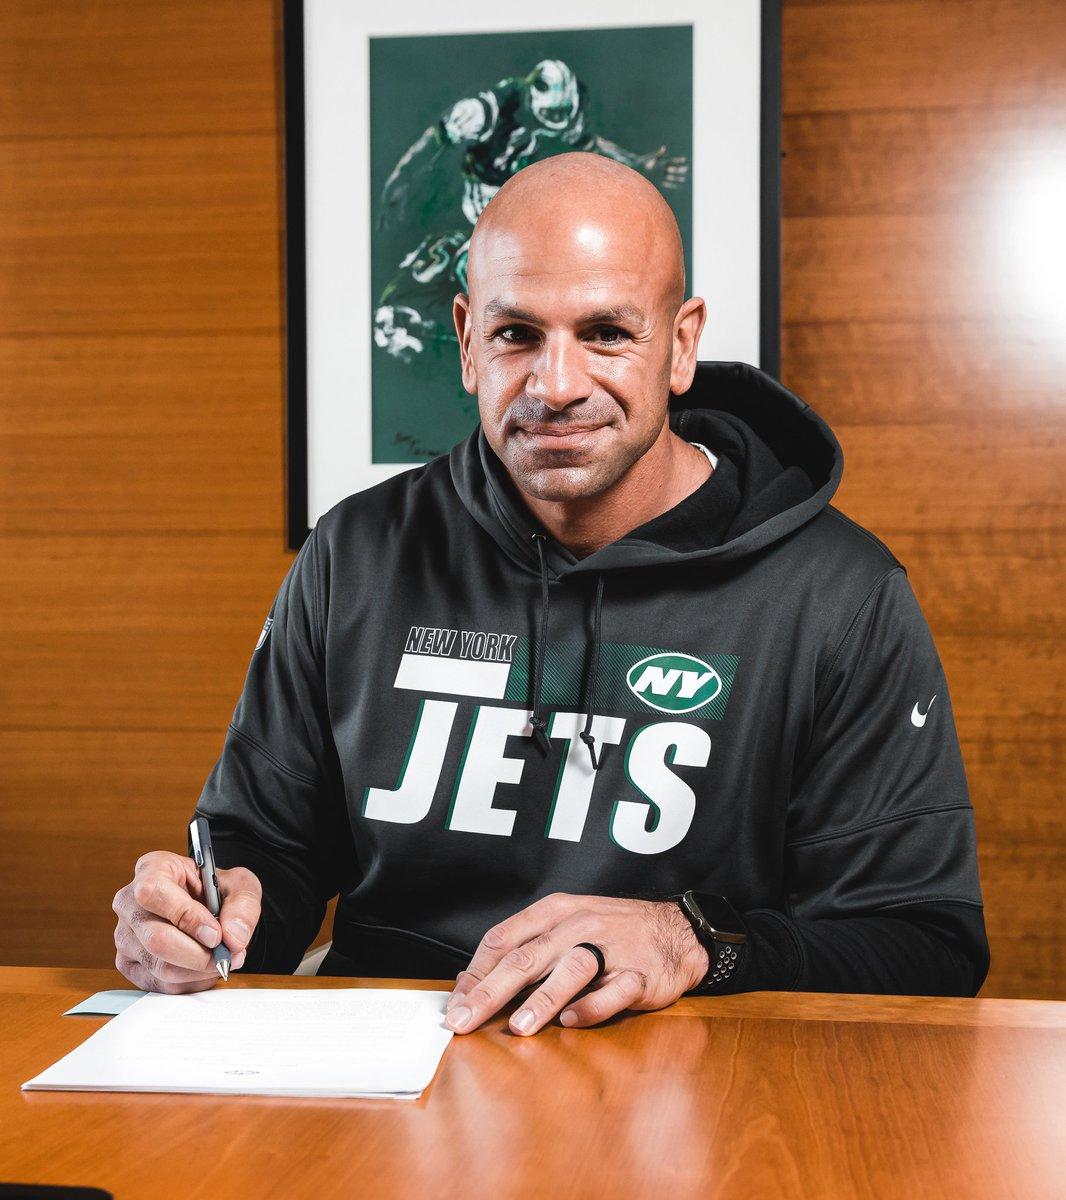 De manera oficial, los Jets presentaron a Robert Salen como su nuevo entrenador en jefe. Tras su gran trabajo al mando de la defensiva de los 49ers, toma las riendas de una franquicia que necesita mejorar. Inicia la nueva era en New York.  #NFL #NFLTwitter #TakeFlight